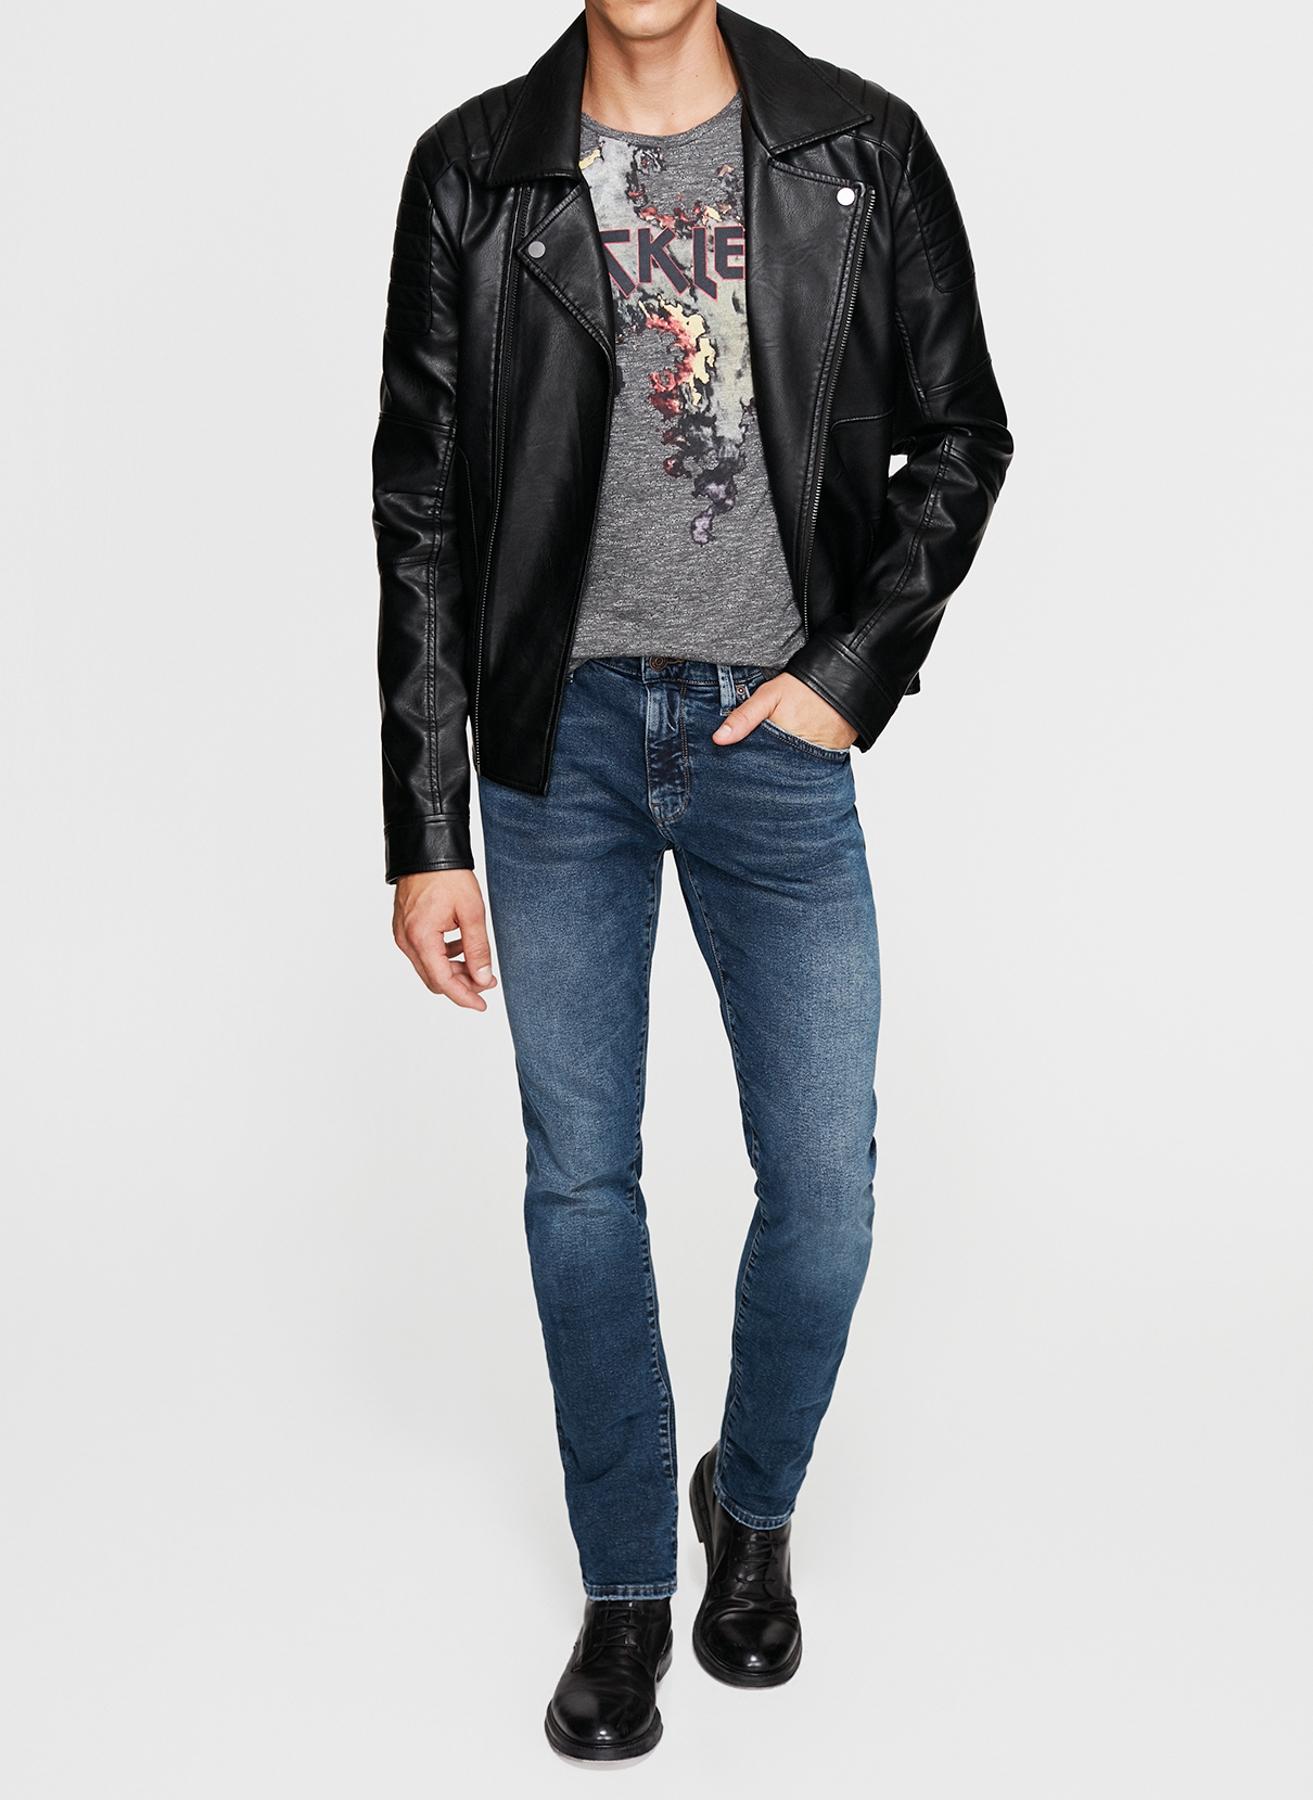 Mavi Jake Koyu Mavi Comfort Klasik Pantolon 31-32 5001818721023 Ürün Resmi